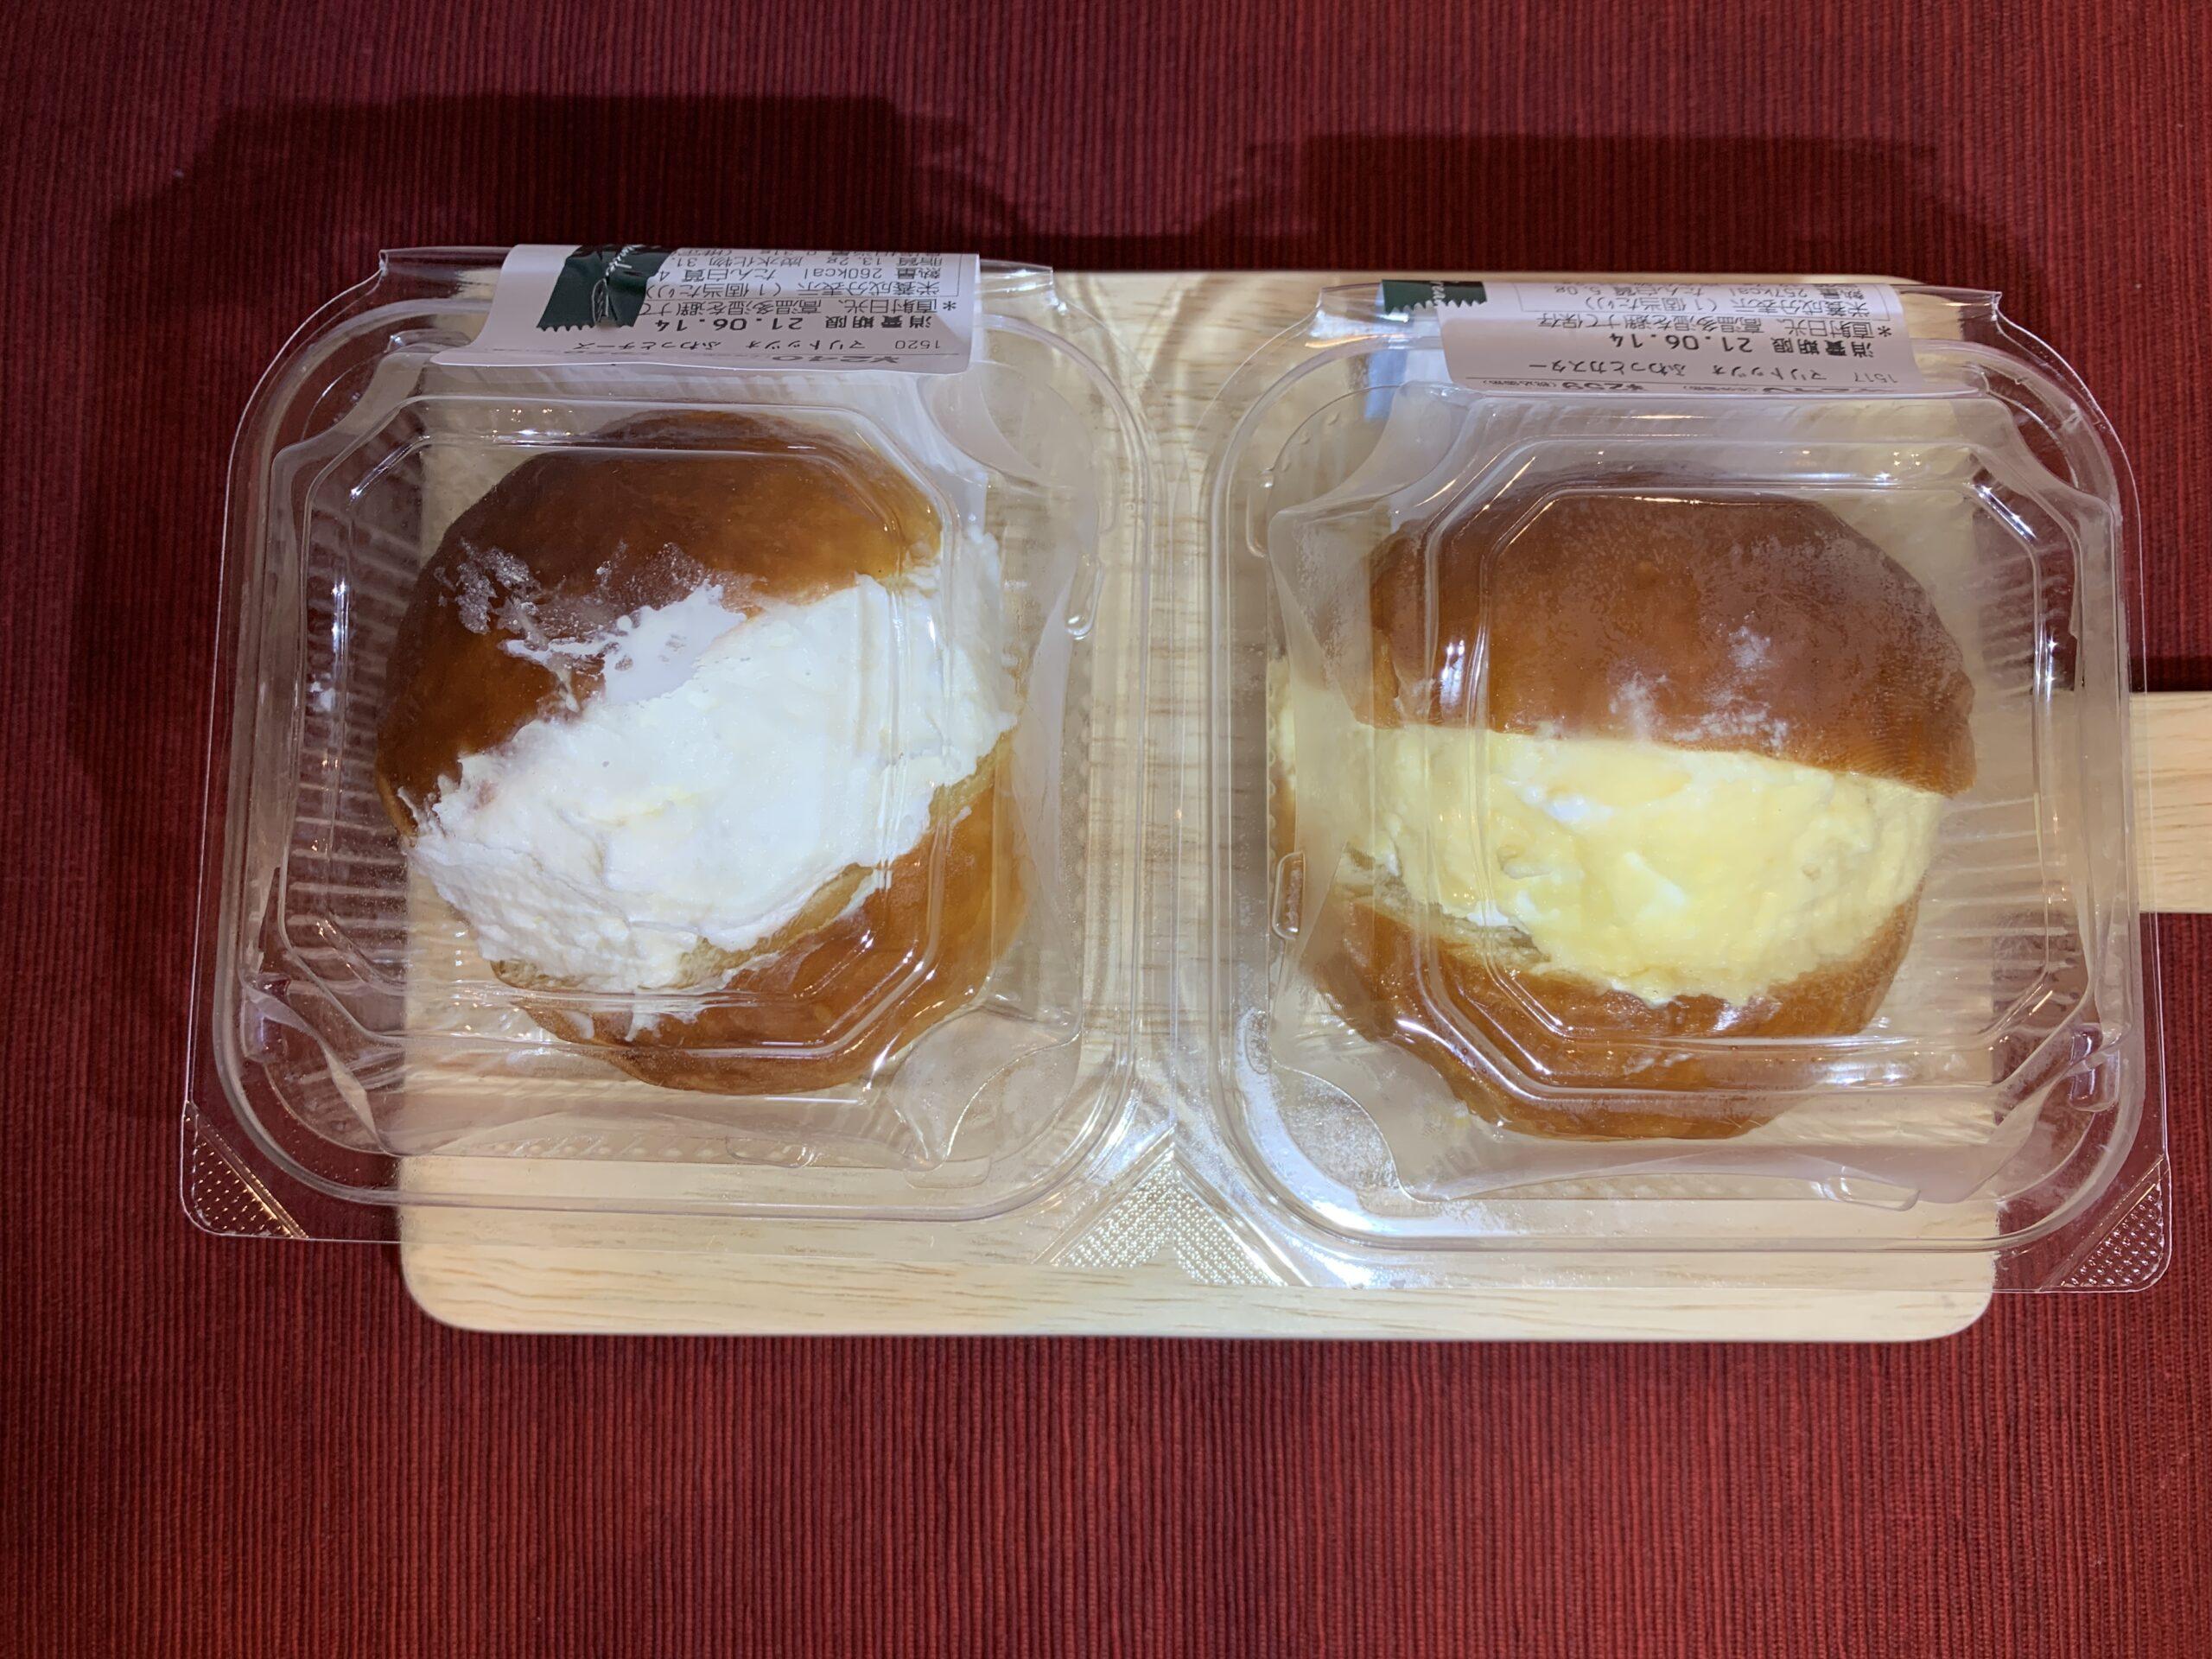 フジパンのマリトッツオ(ふわっとチーズ、ふわっとカスタード)の食べ比べ